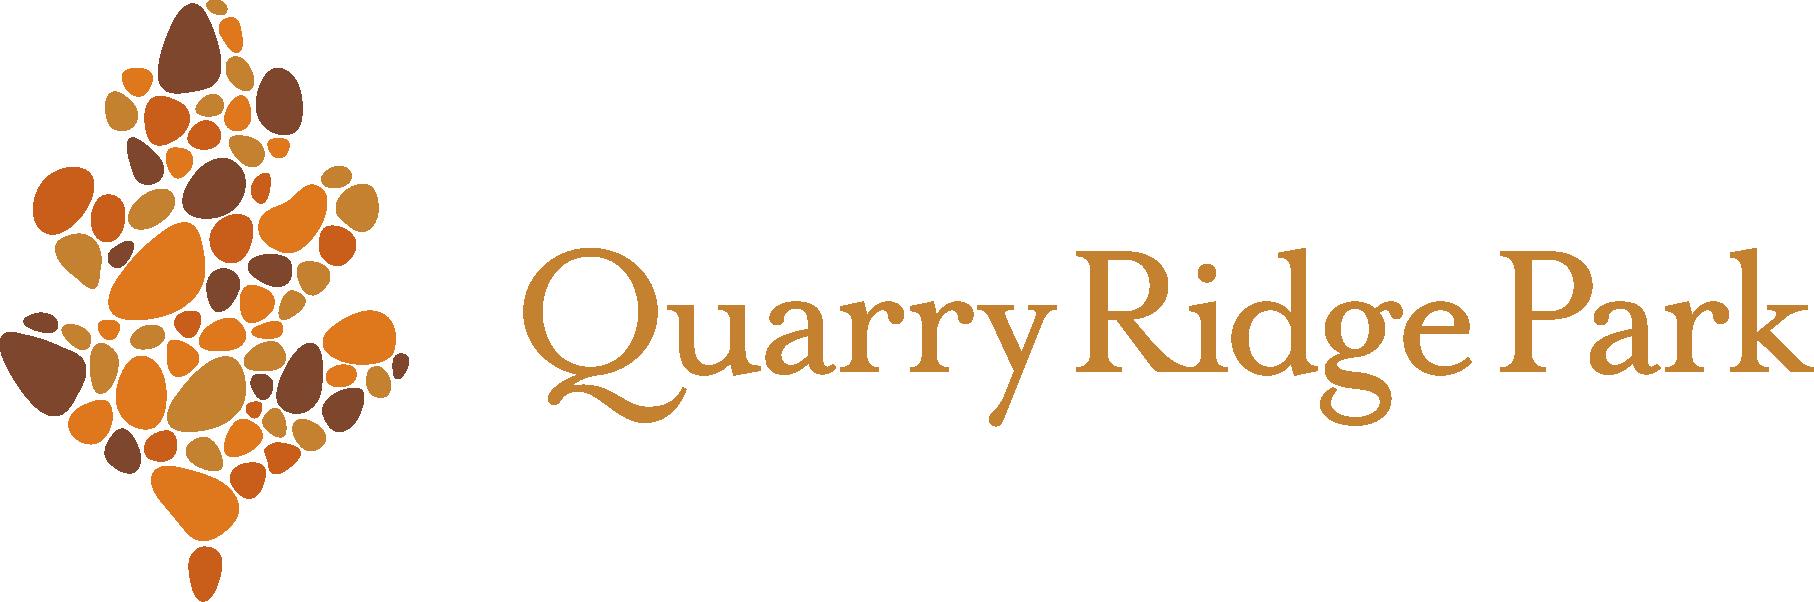 quarry ridge park